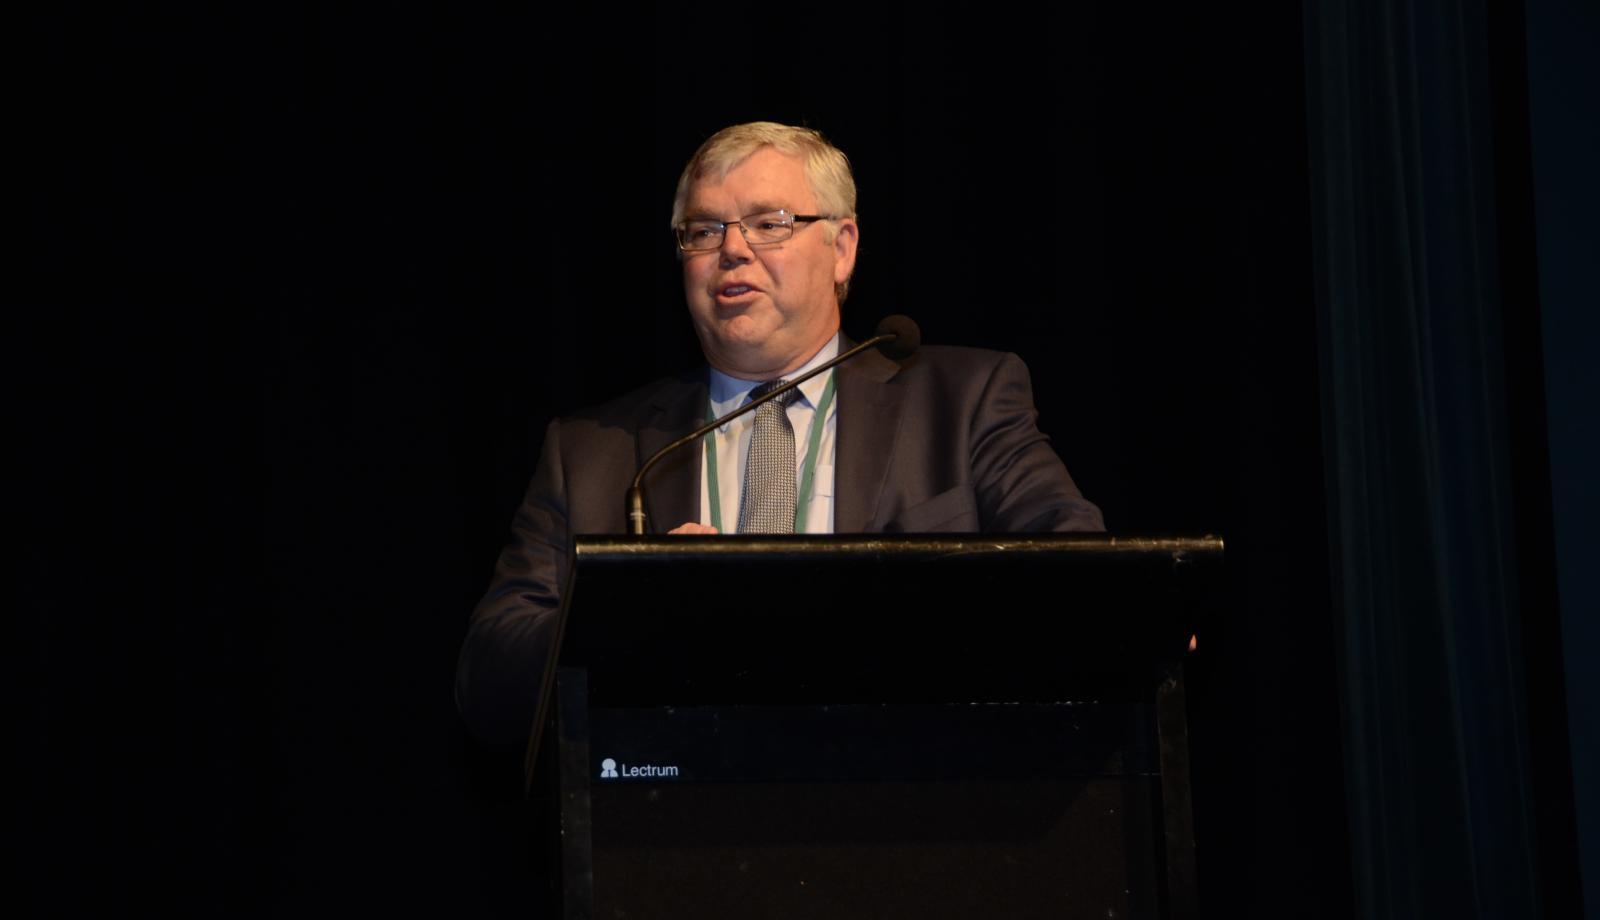 Murray Goulburn announce new chairman